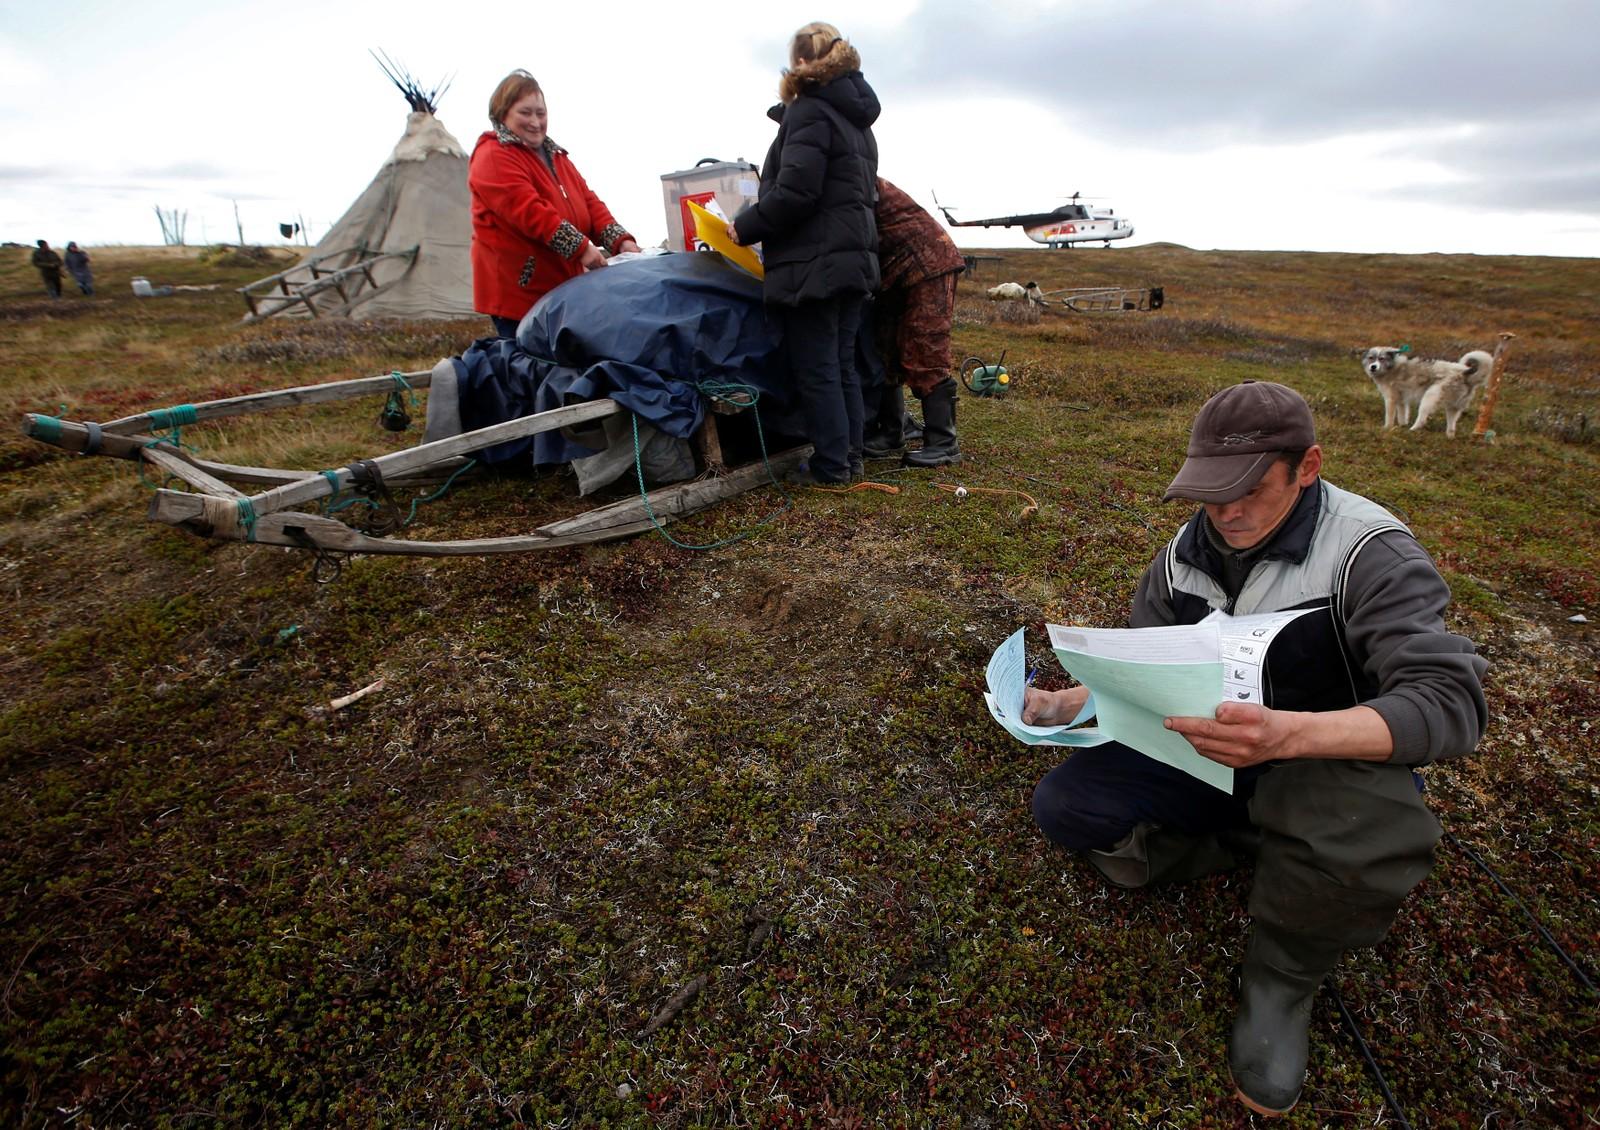 Reingjetere i Jamalo-Nenetsk-distriktet i Russland fyller ut stemmesedler i forbindelse med forhåndsstemming til parlamentsvalget. Bildet er tatt 12. september. Selve valgdagen var 18. september.